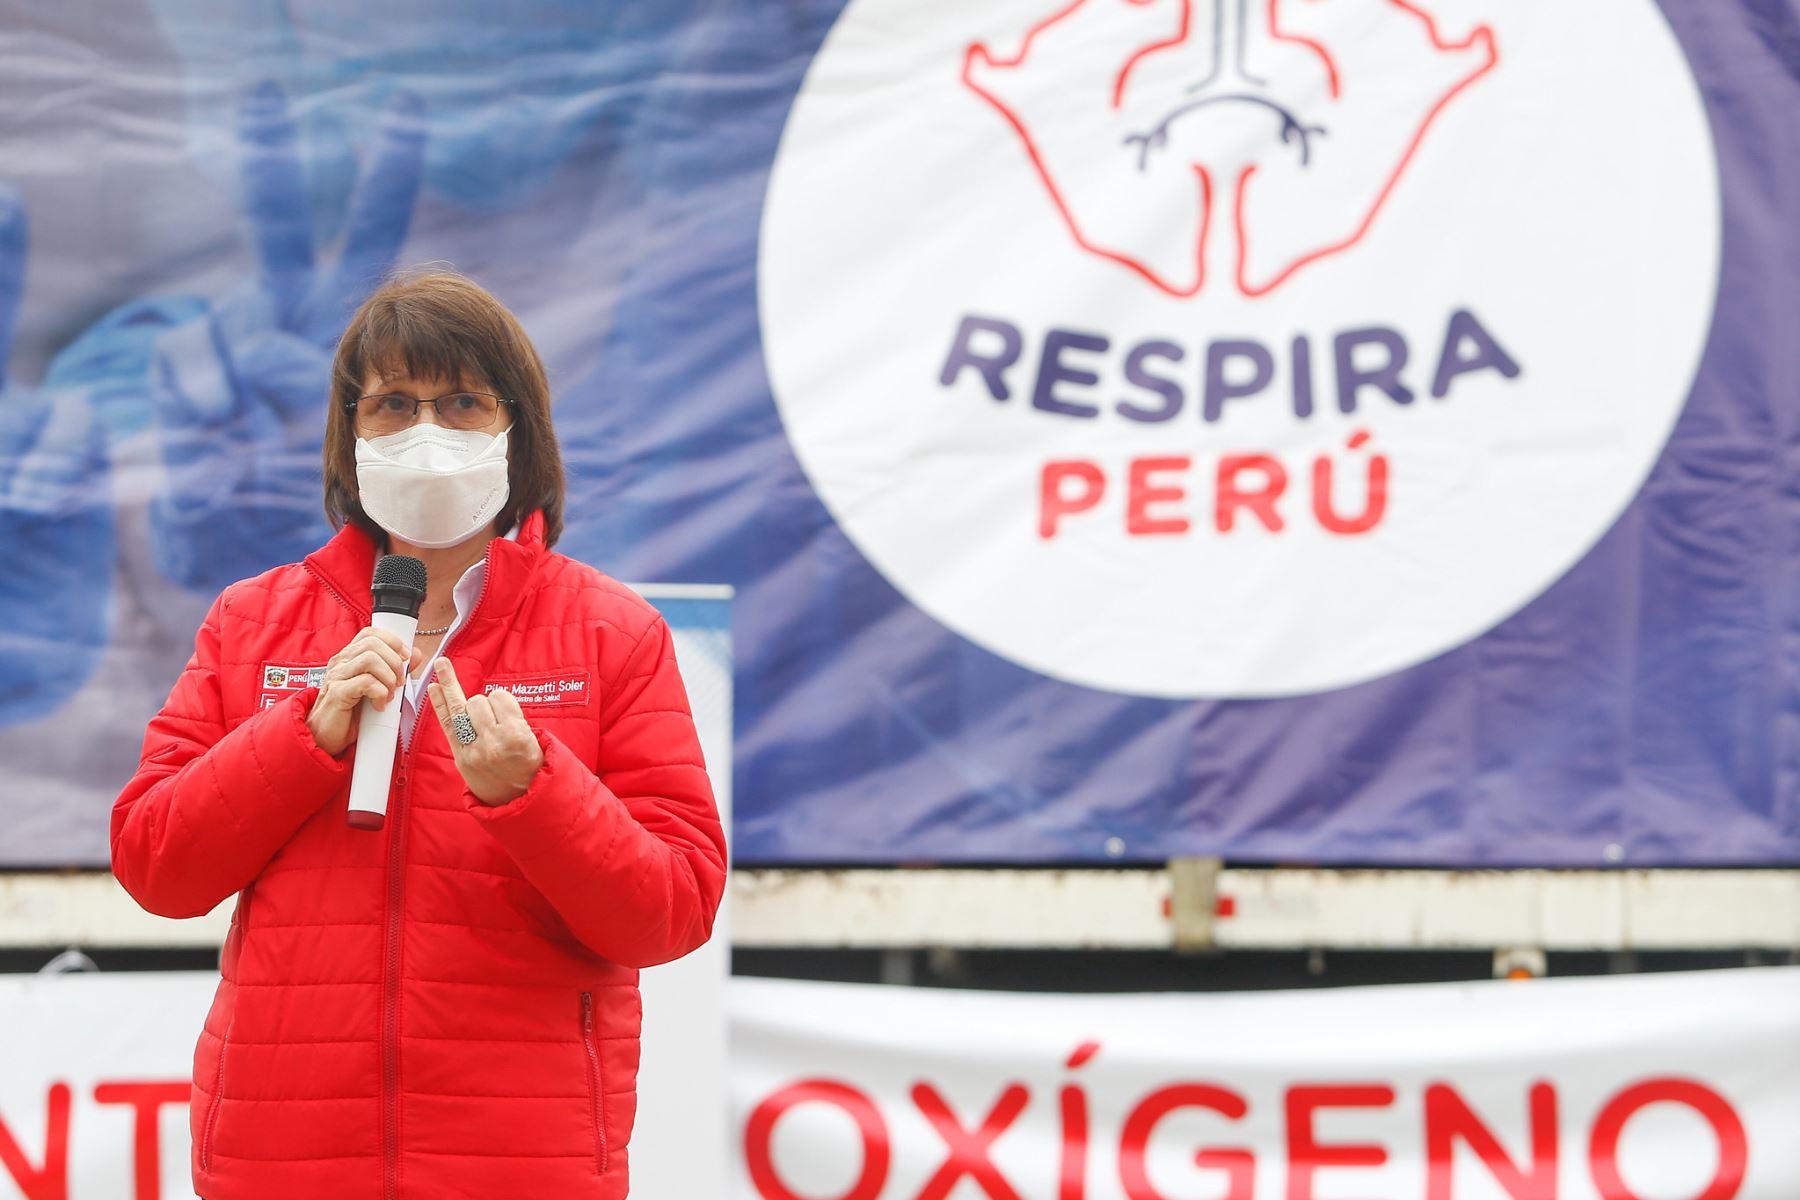 Ministra de Salud, Pilar Mazzetti, participa de la entrega de la primera planta de oxígeno por parte de la iniciativa Respira Perú, para la región Arequipa. Foto: ANDINA/Minsa.